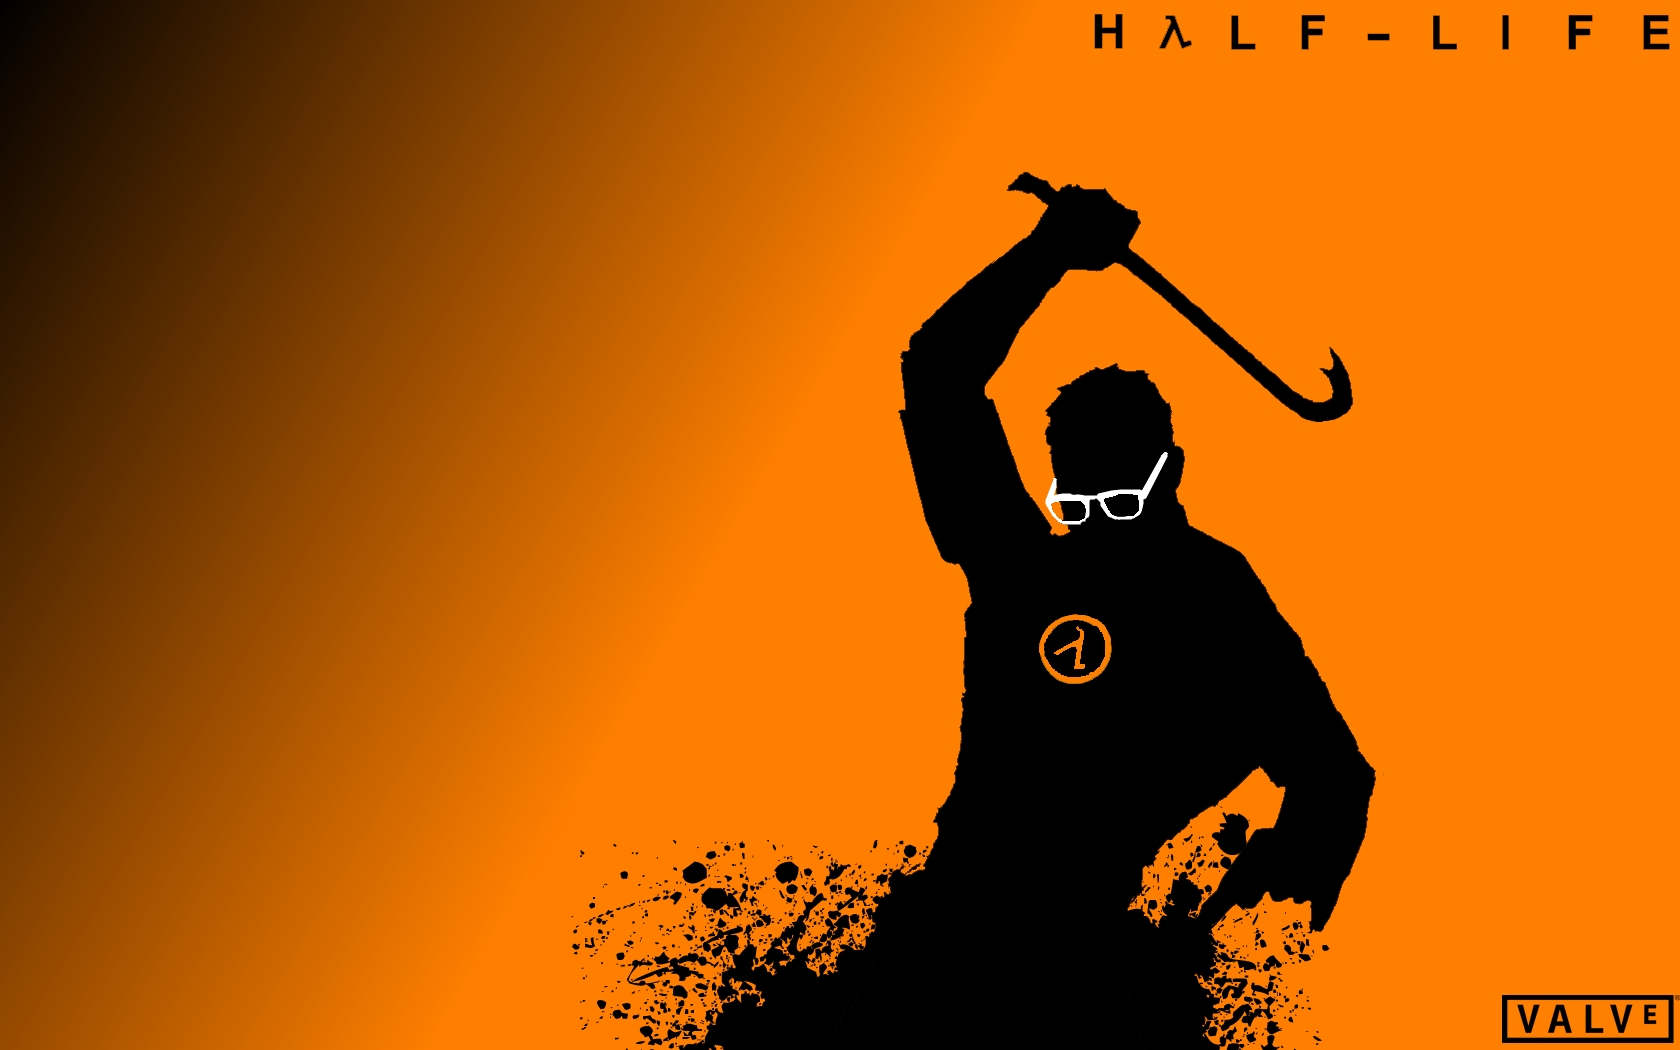 [E3 14] Valve tendrá protagonismo en la conferencia de Sony... 59ai